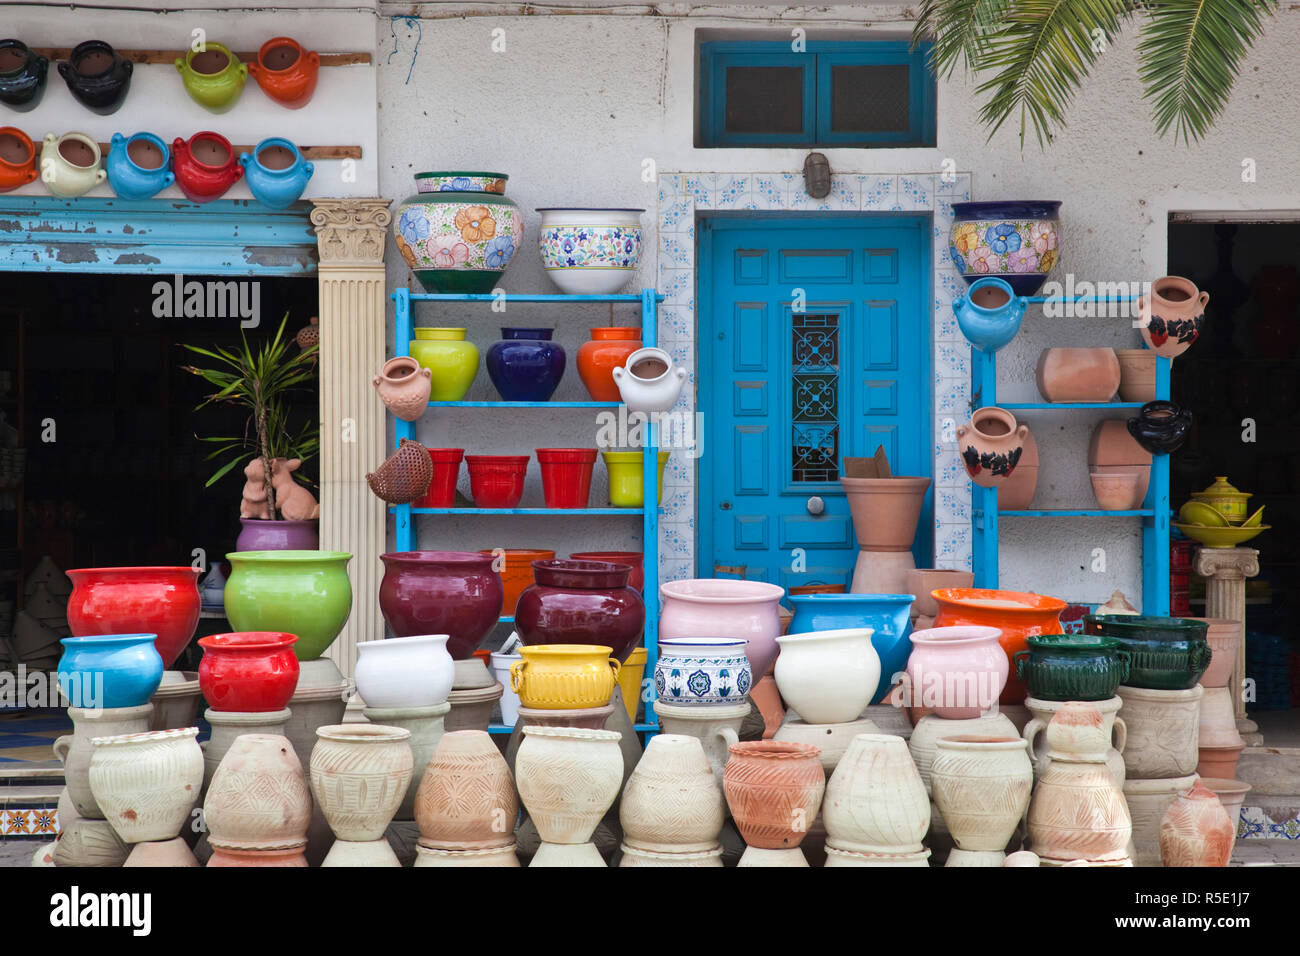 La Tunisie, le Cap Bon, Nabeul, plus grand centre céramique tunisienne, magasin de poterie Photo Stock